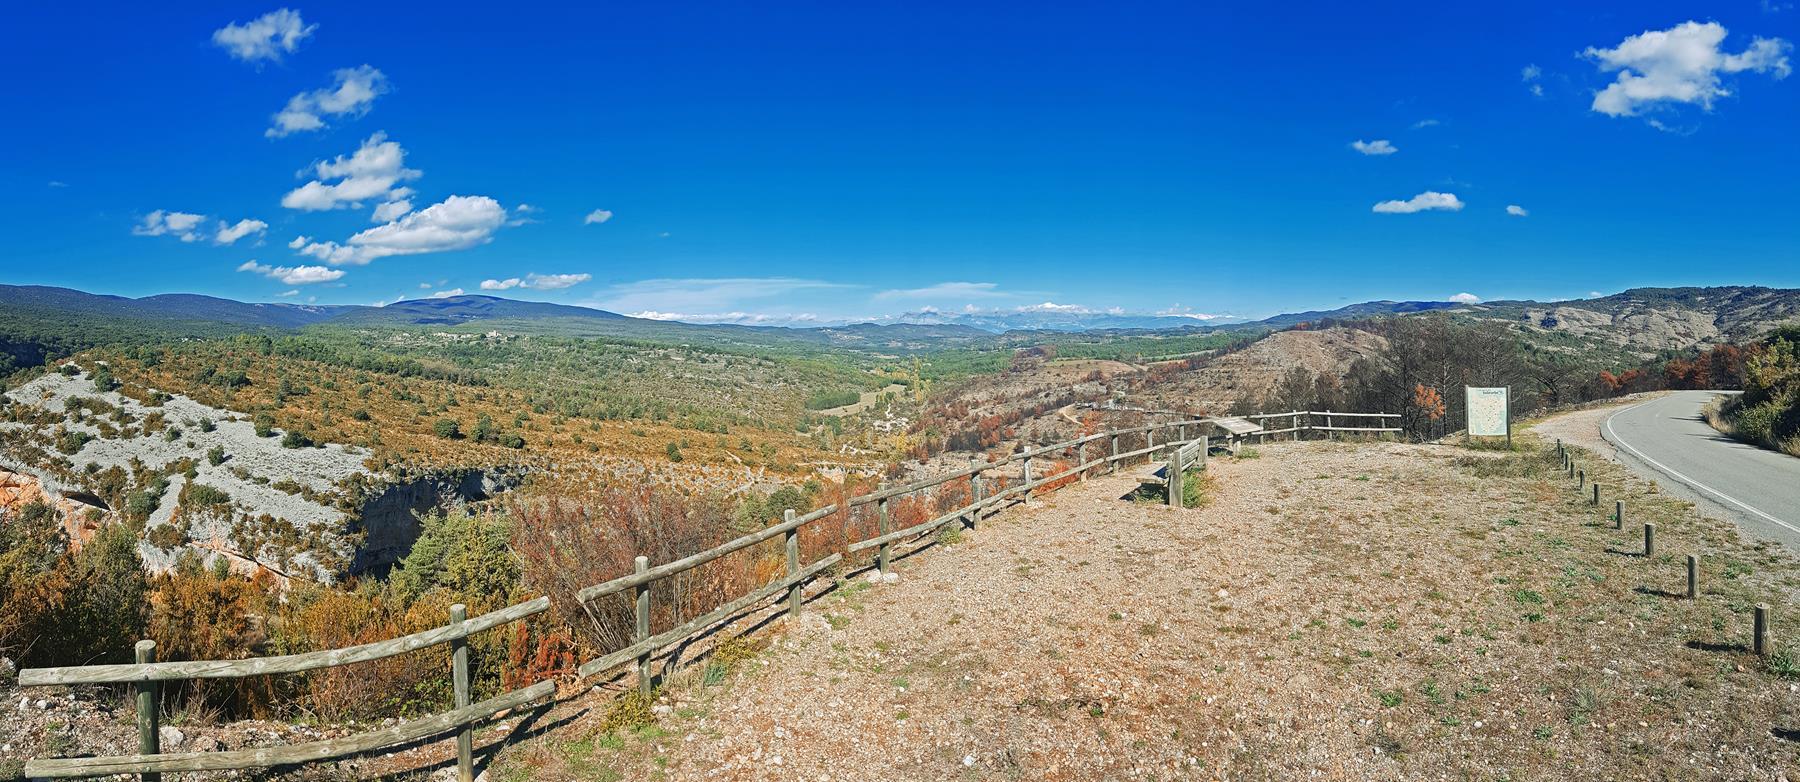 Vistas del Parque Natural de la Sierra y Cañones de Guara.